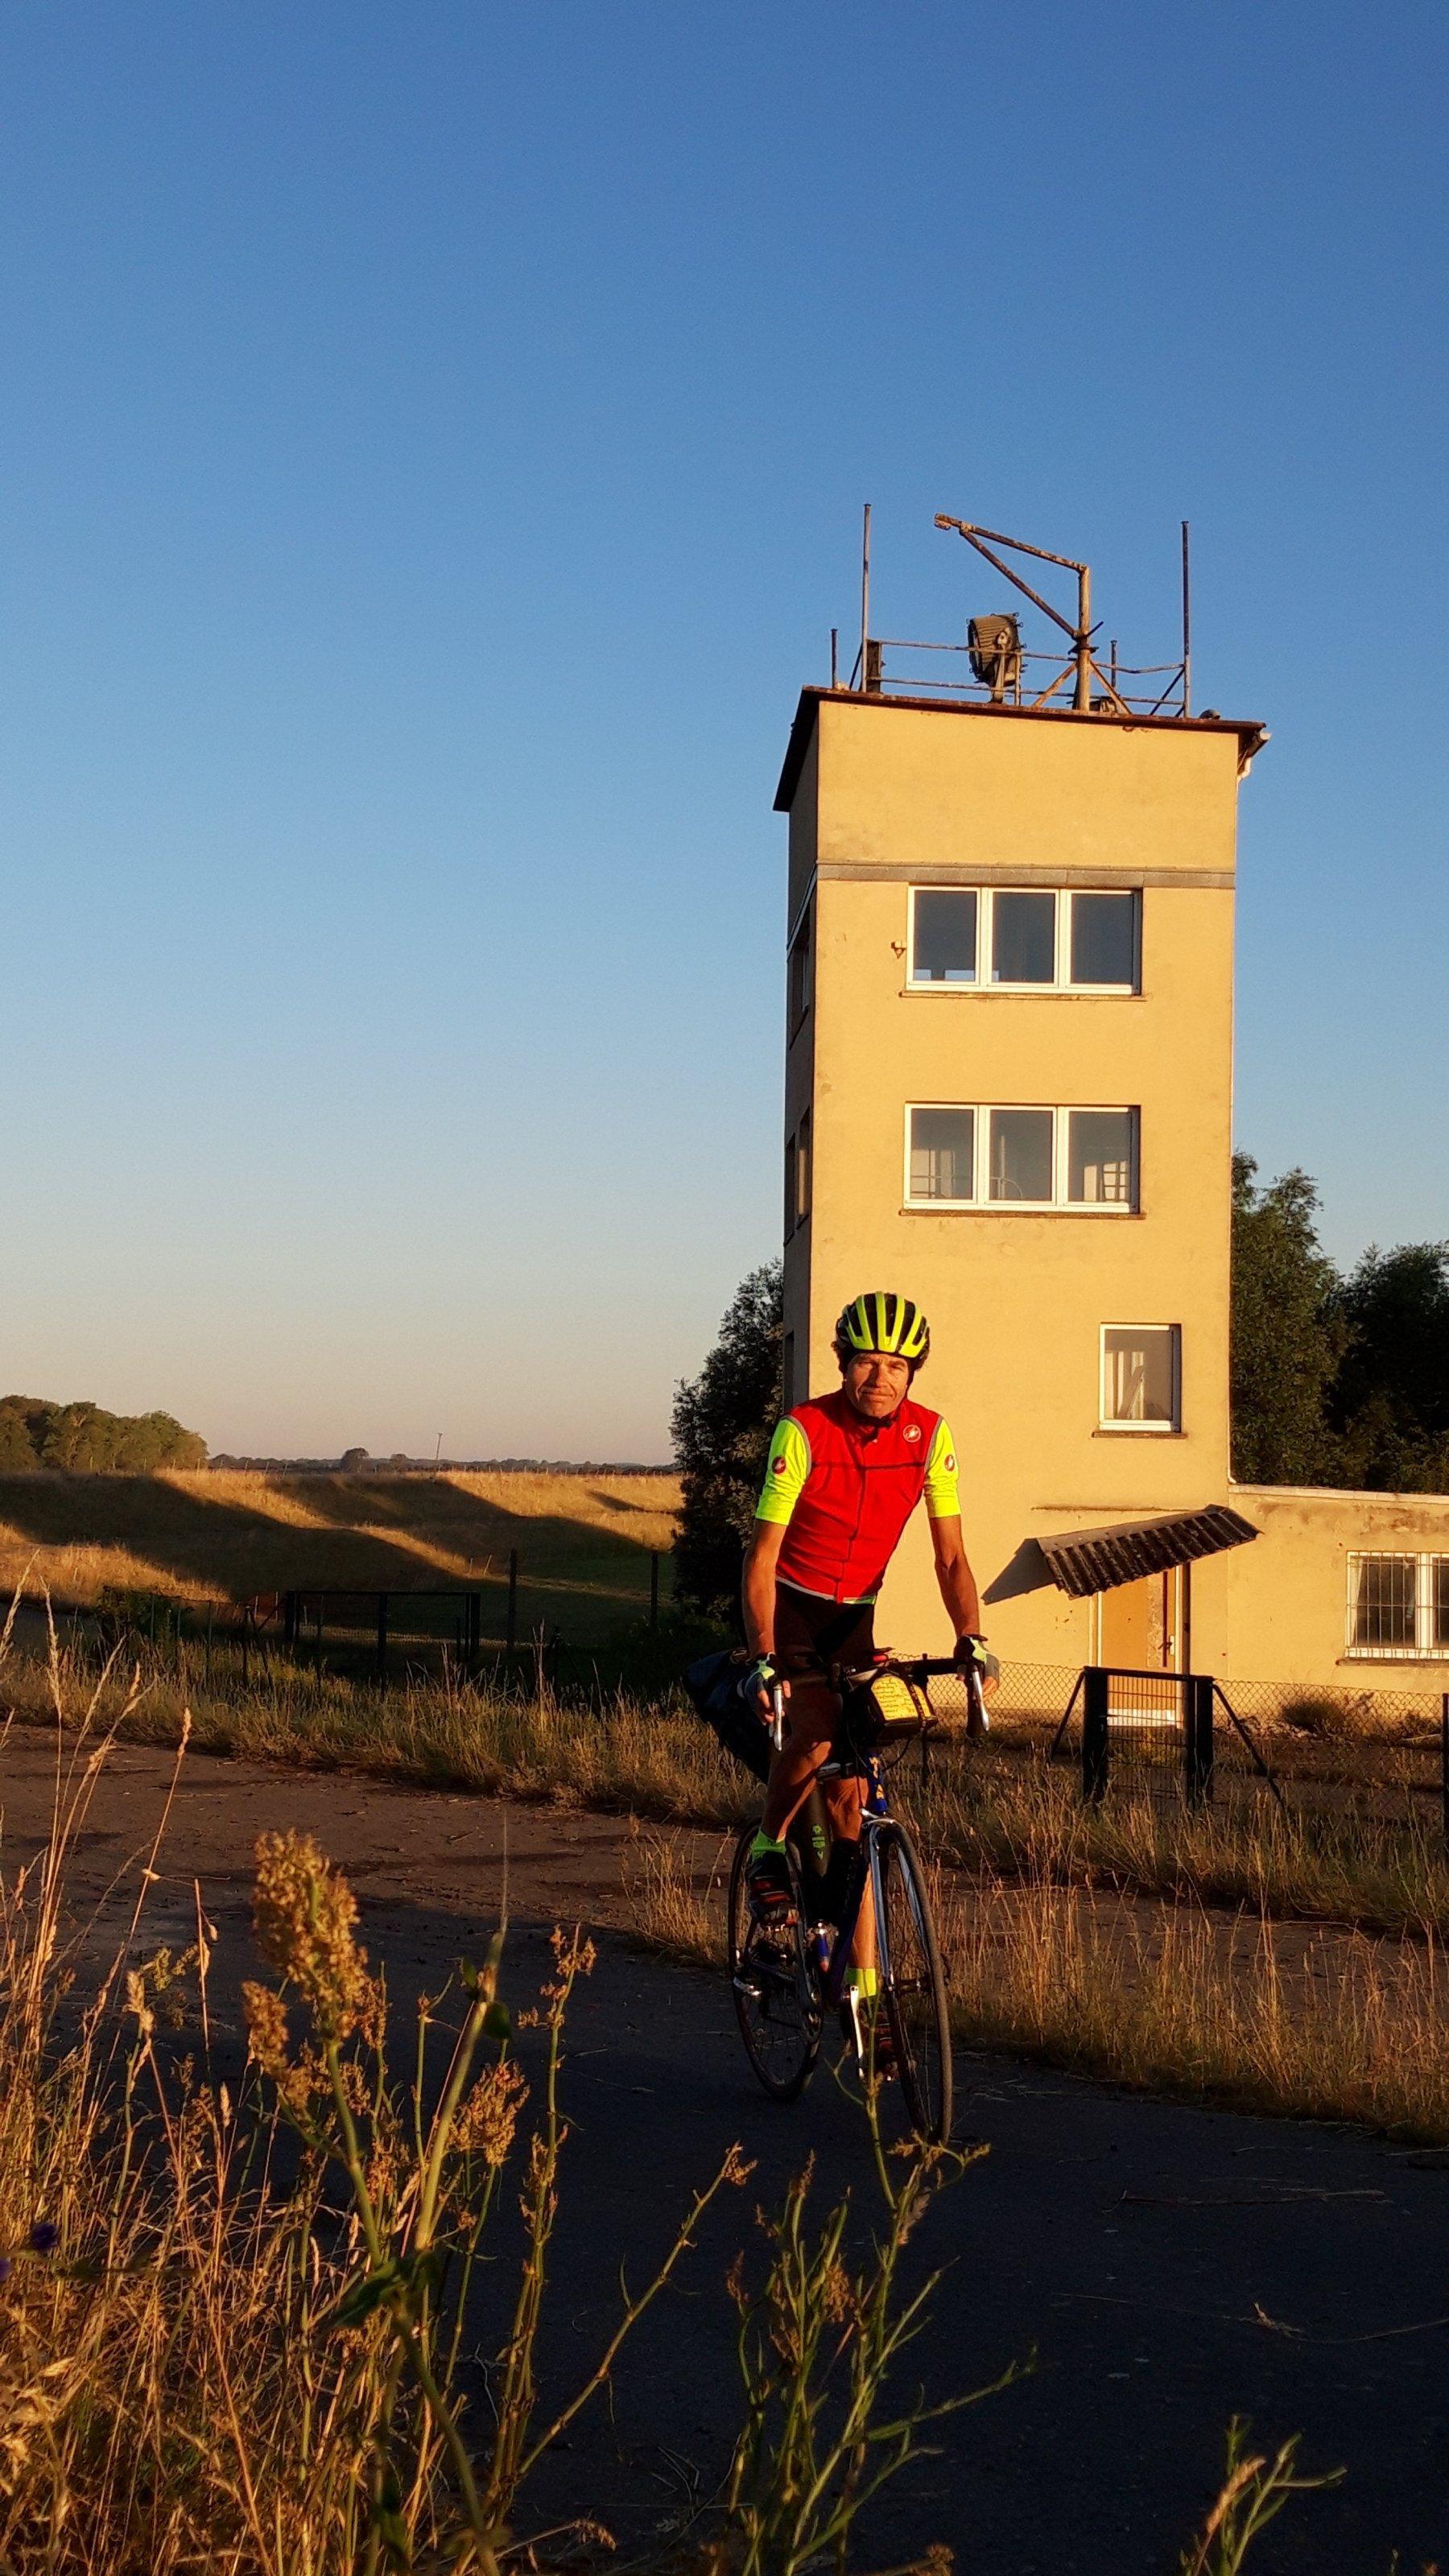 Der RadelndeReporter auf dem Rad vor einem alten Wachturm